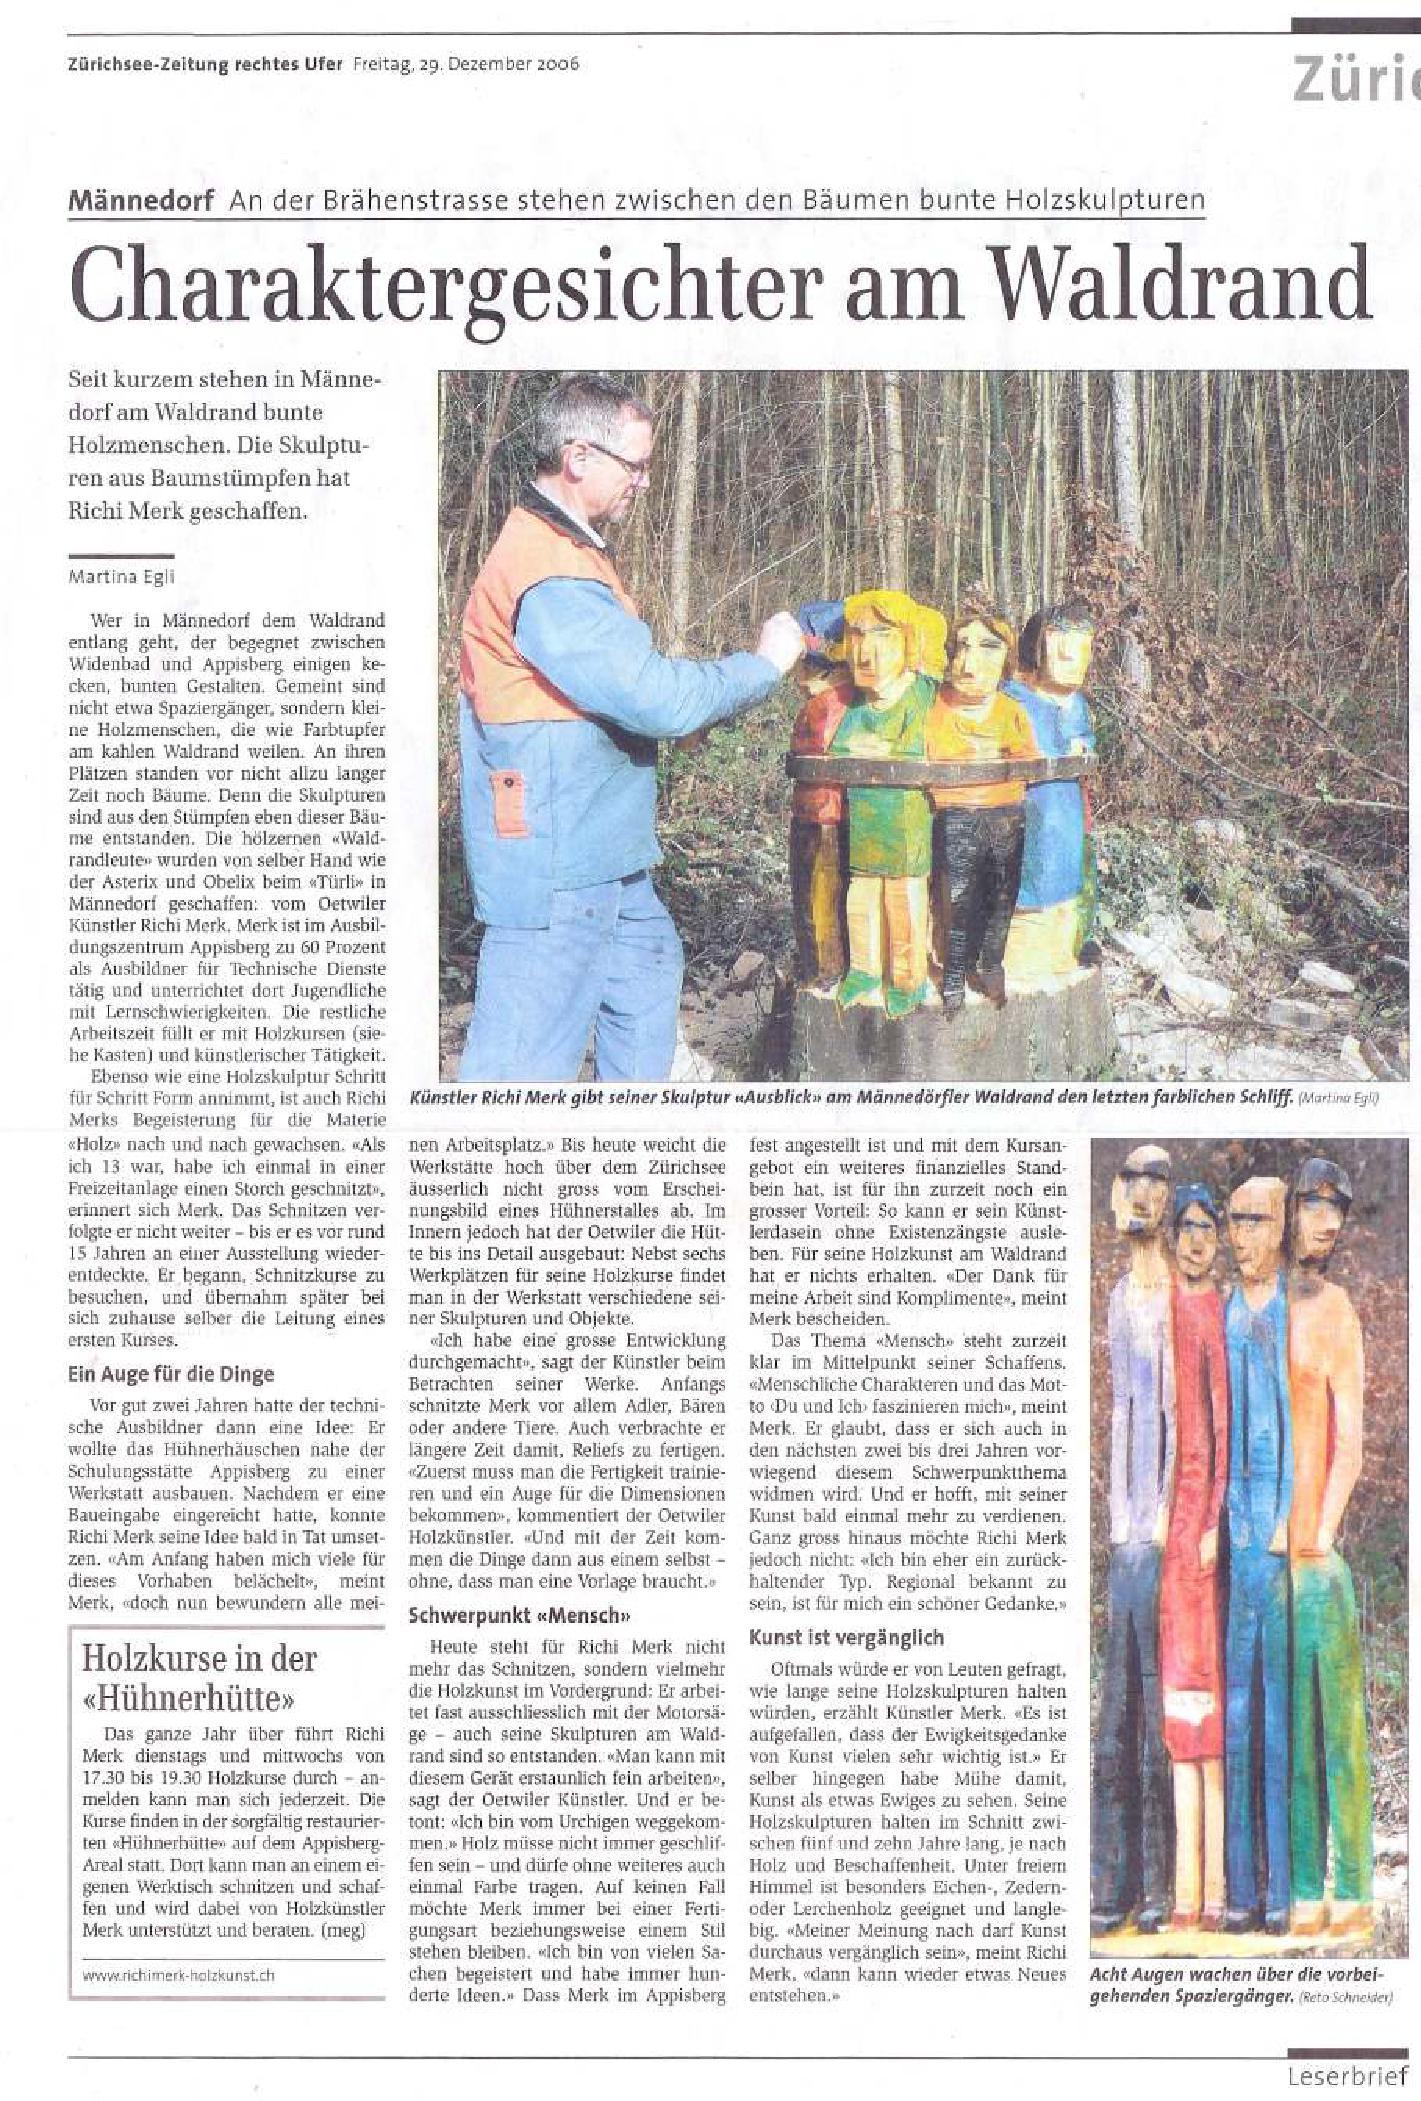 Zürichsee-Zeitung 29. Dezember 2006